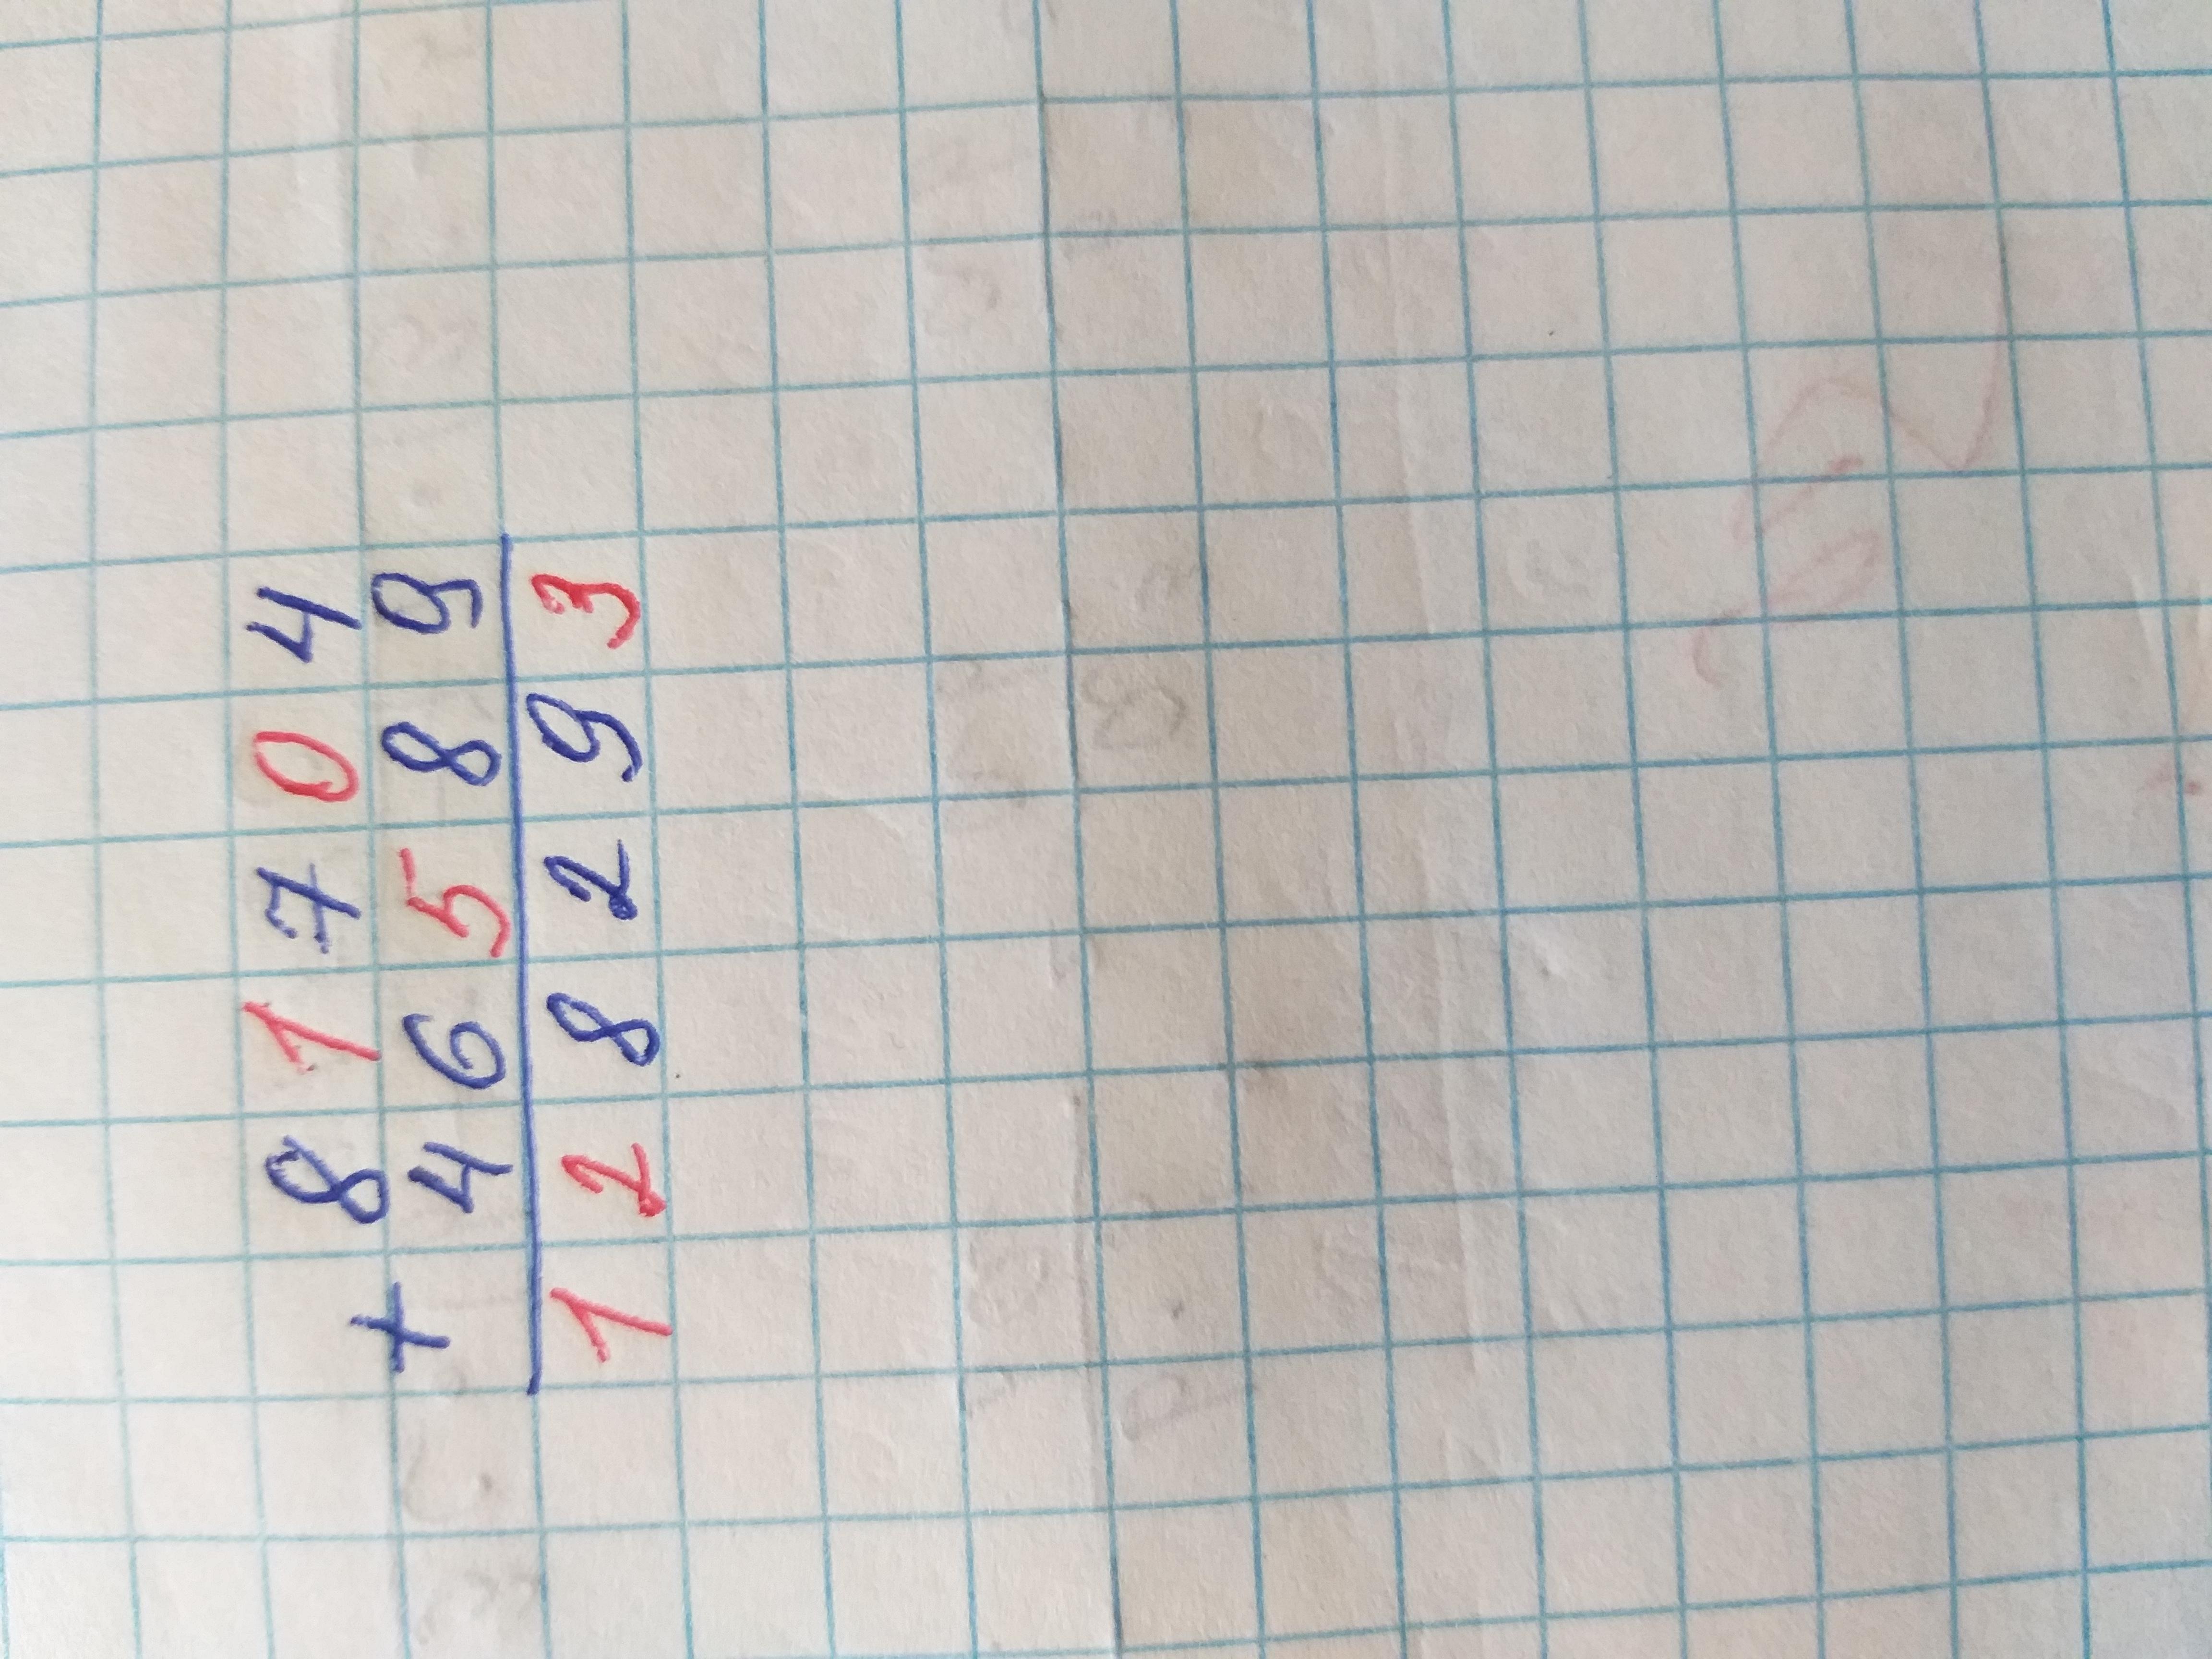 Вставьте пропущенные цифры: 8∗7∗4+46∗89=∗∗829∗.